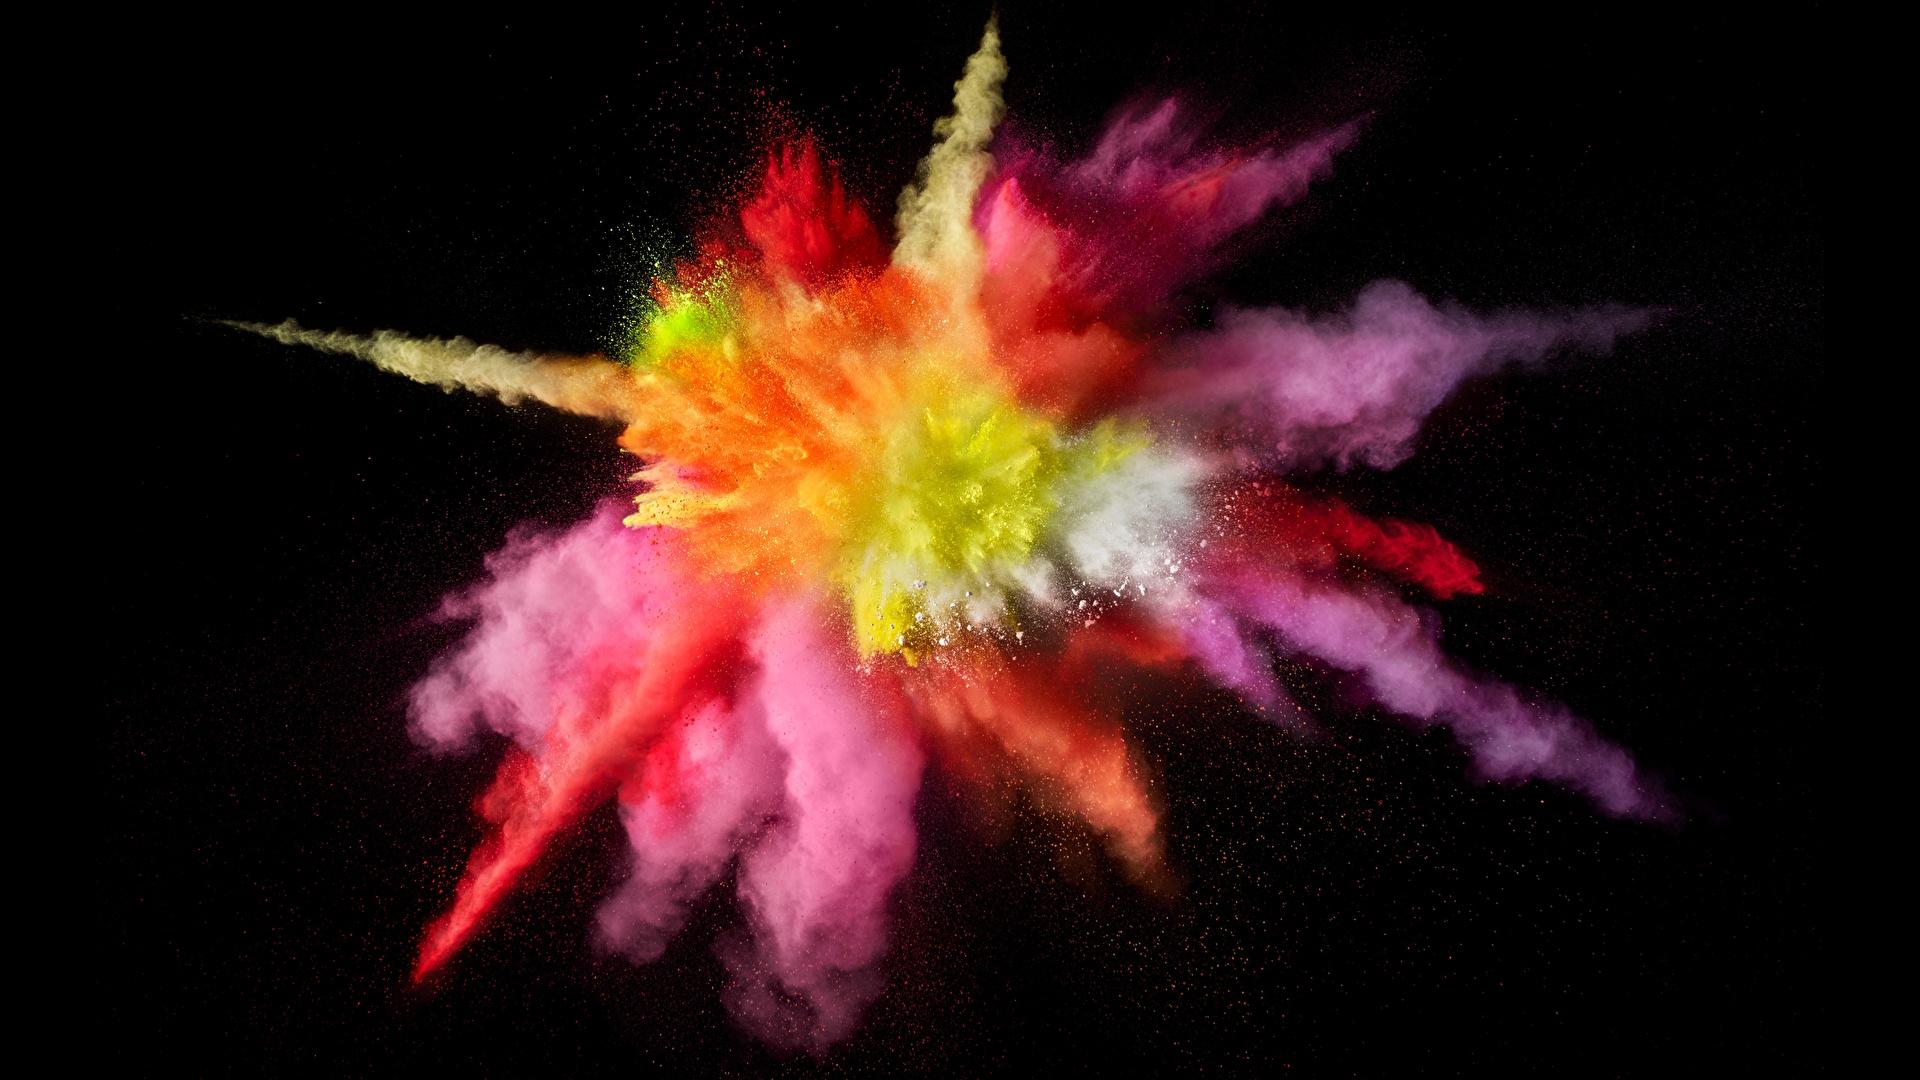 Фото Порошок Взрывы Краски на черном фоне 1920x1080 порошке Черный фон